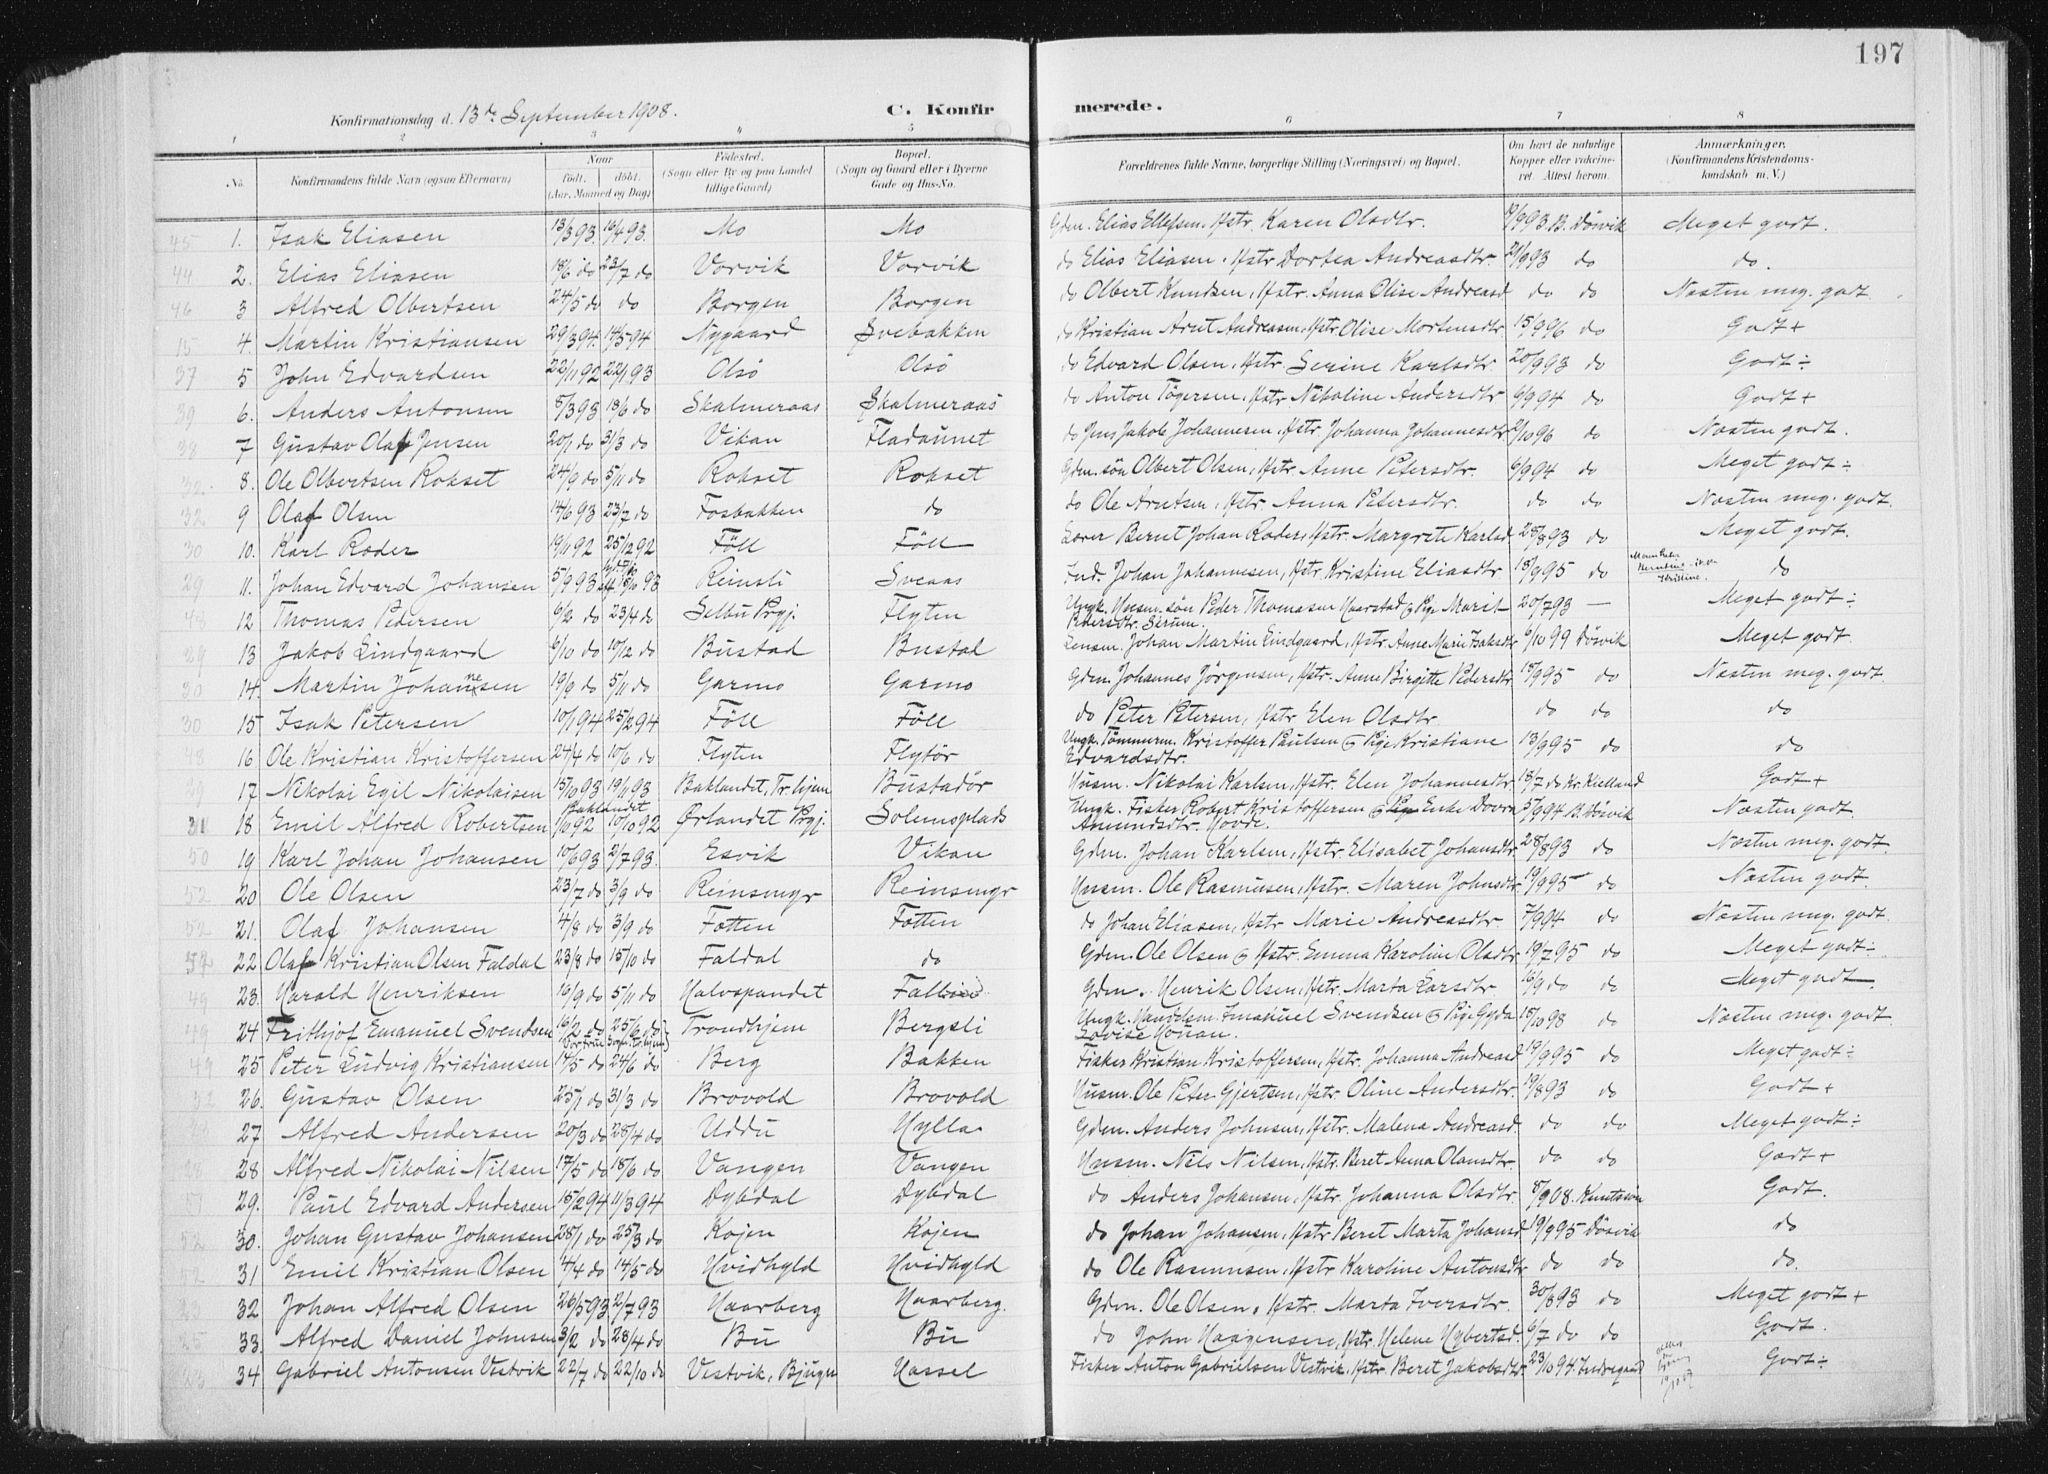 SAT, Ministerialprotokoller, klokkerbøker og fødselsregistre - Sør-Trøndelag, 647/L0635: Ministerialbok nr. 647A02, 1896-1911, s. 197